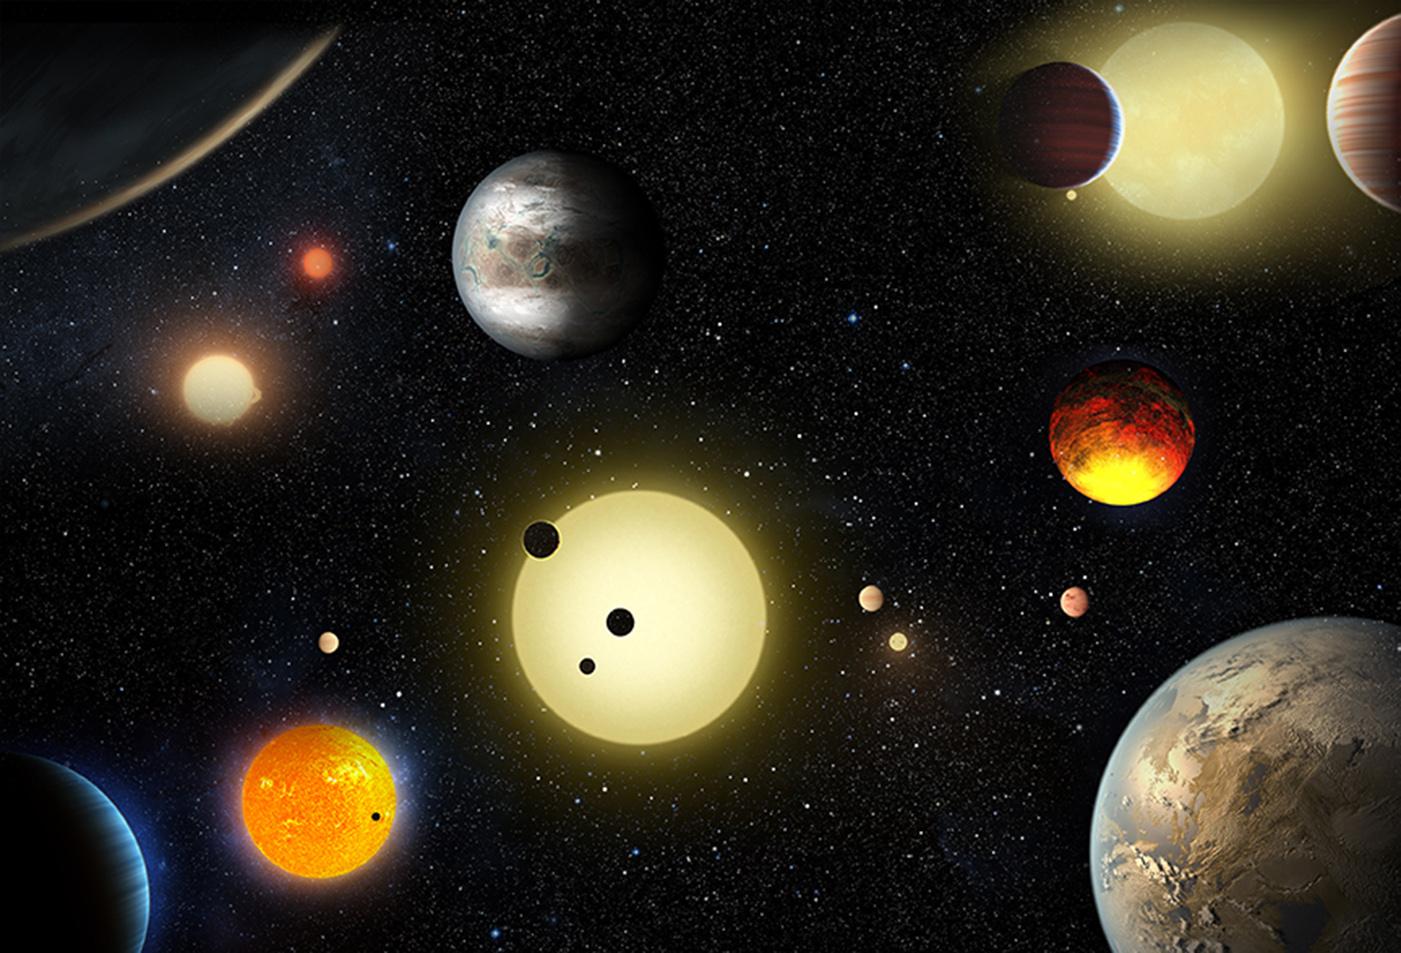 Editiadedimineata: După scanarea a peste 10 milioane de stele, nu a fost găsit niciun semn de viață extraterestră